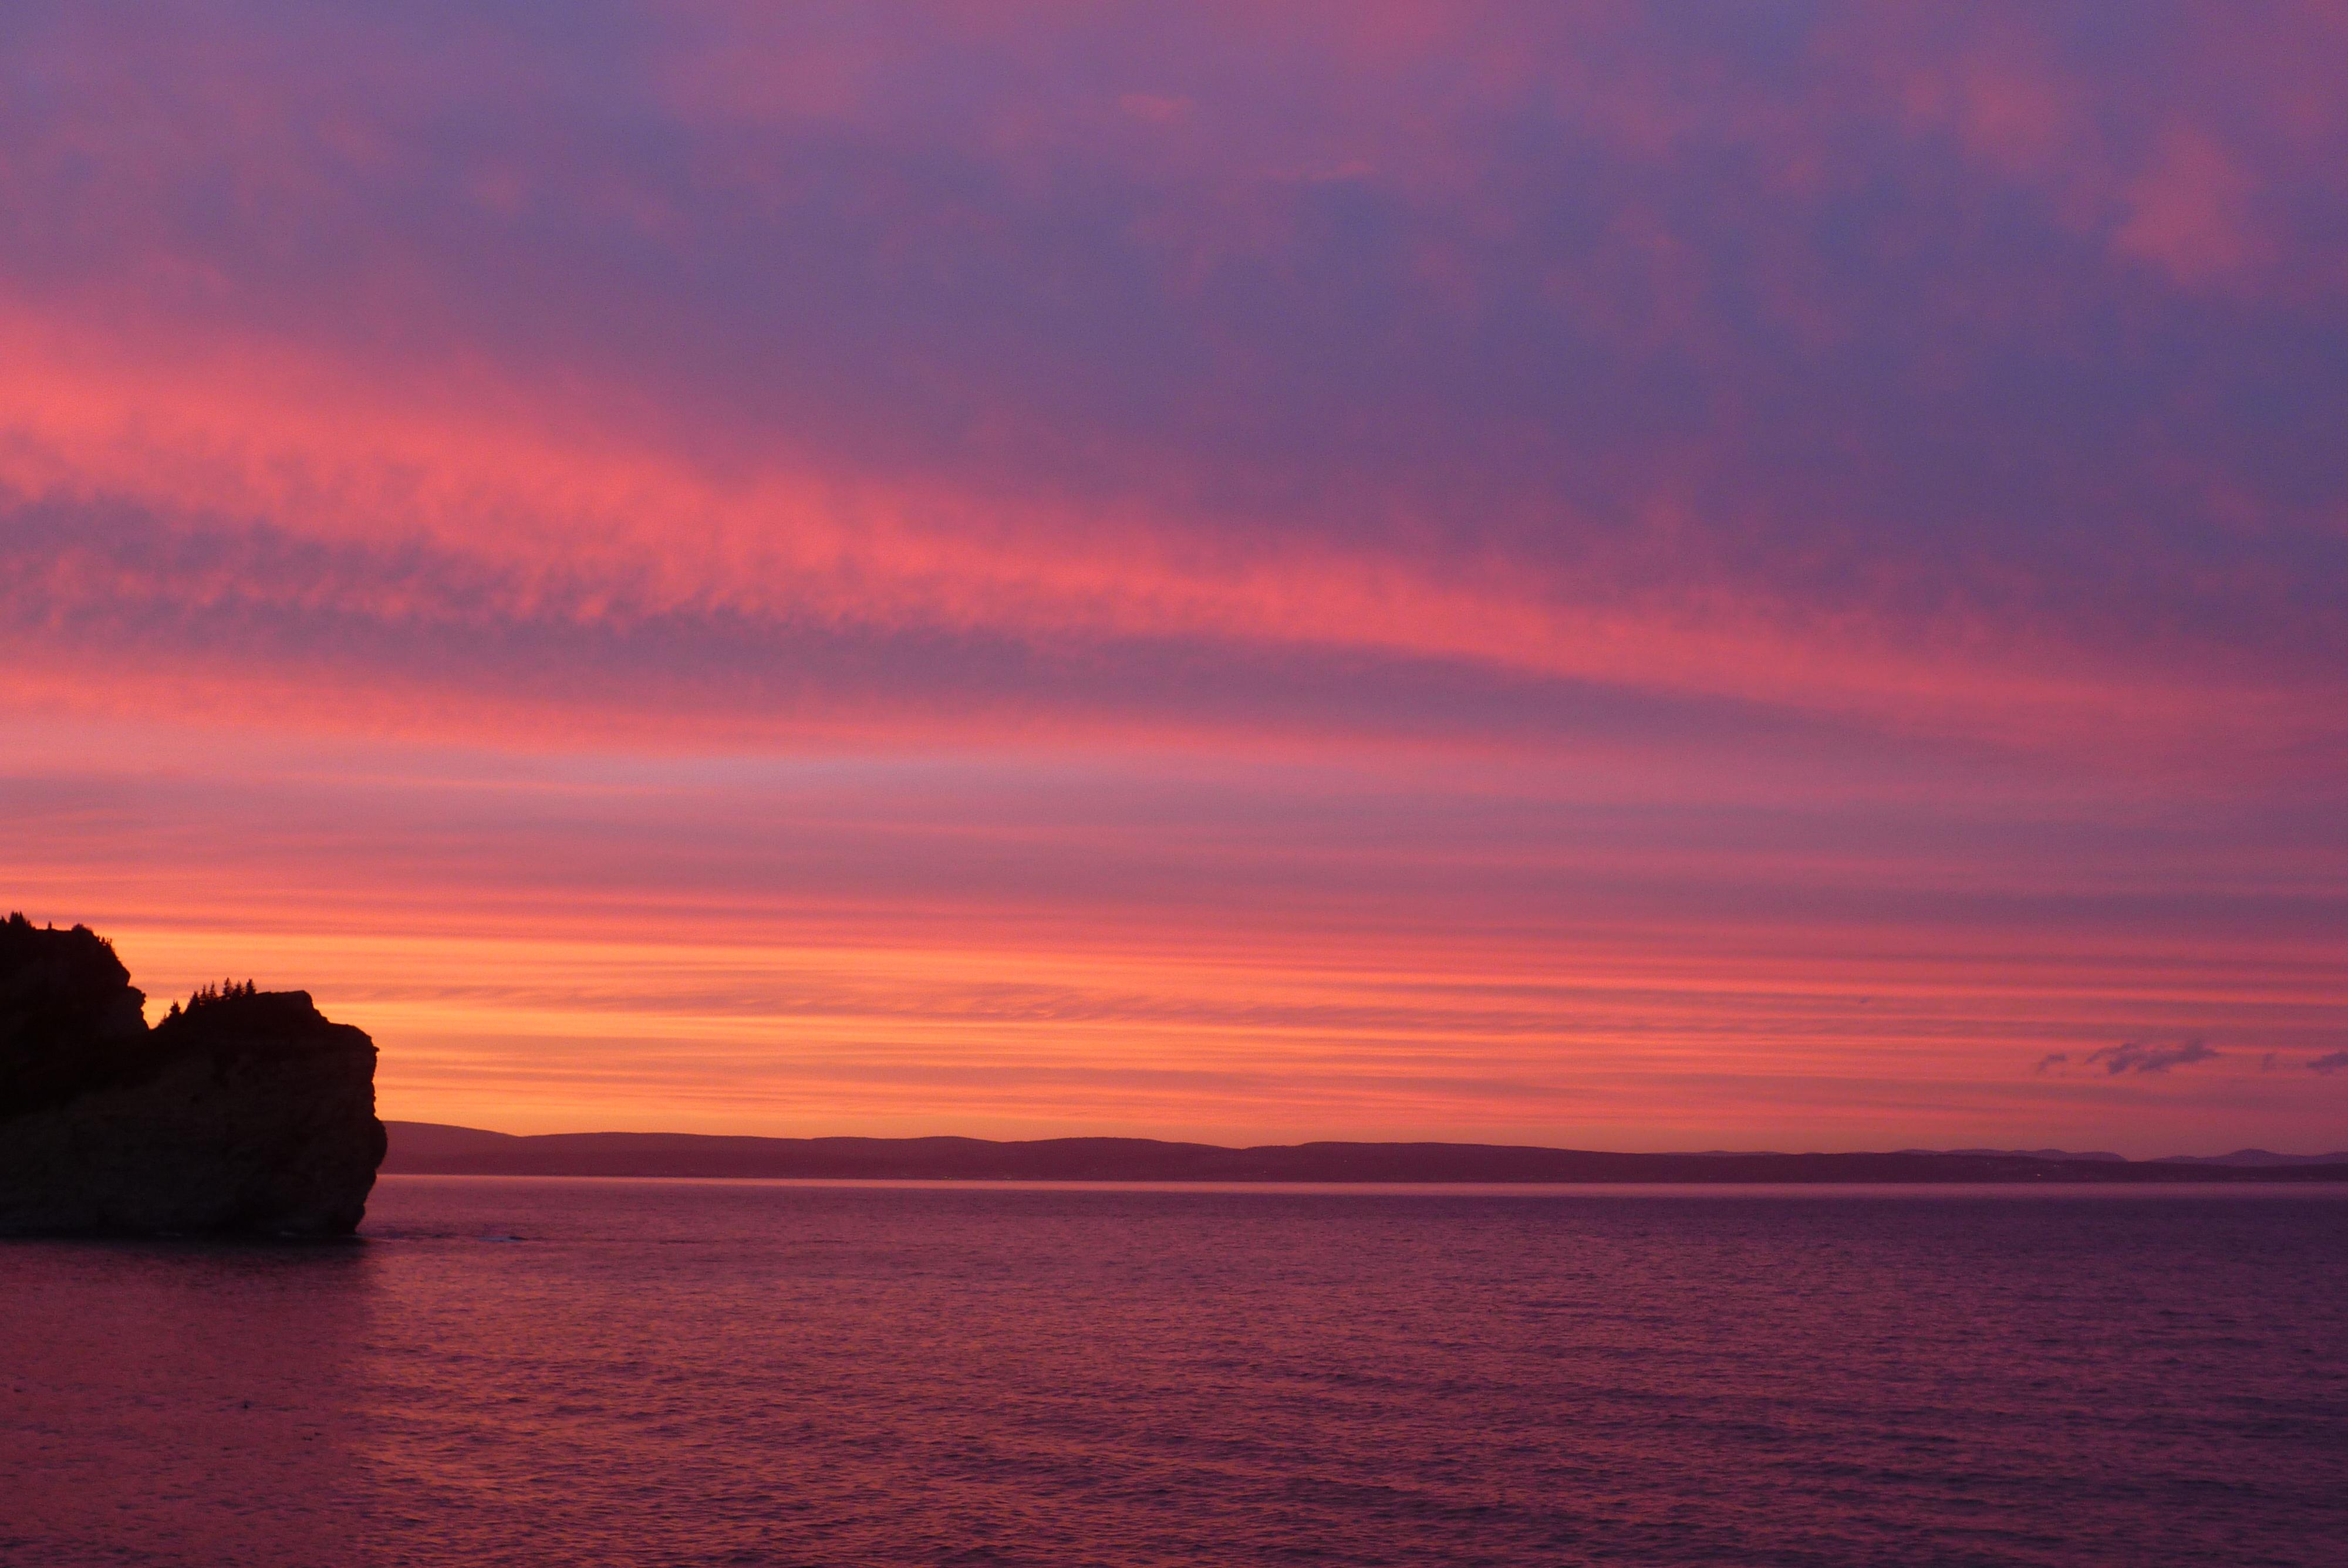 13-sunset-perce-gaspesie-acadie